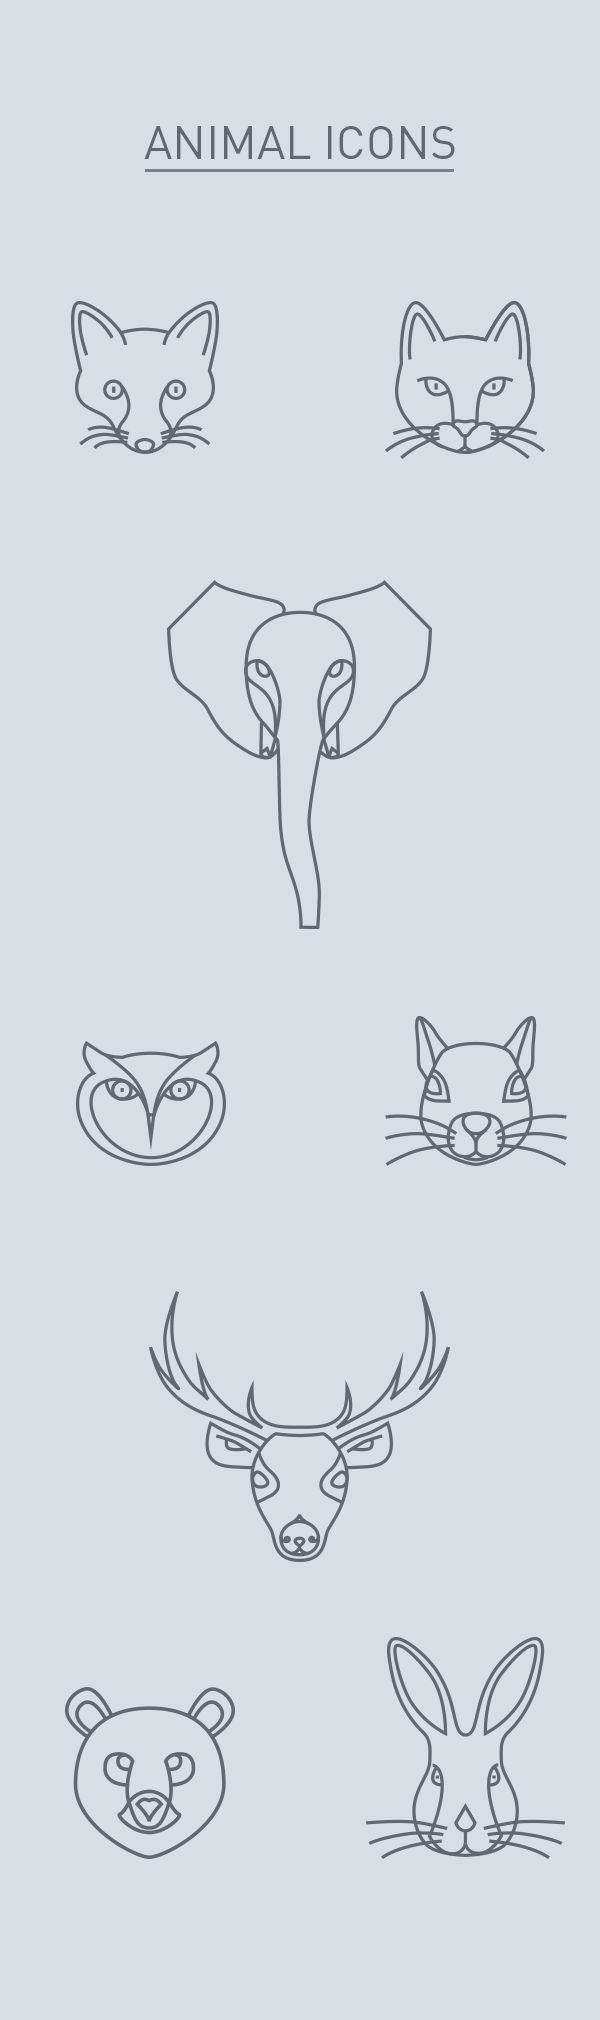 Desenhos de animais minimalistas.